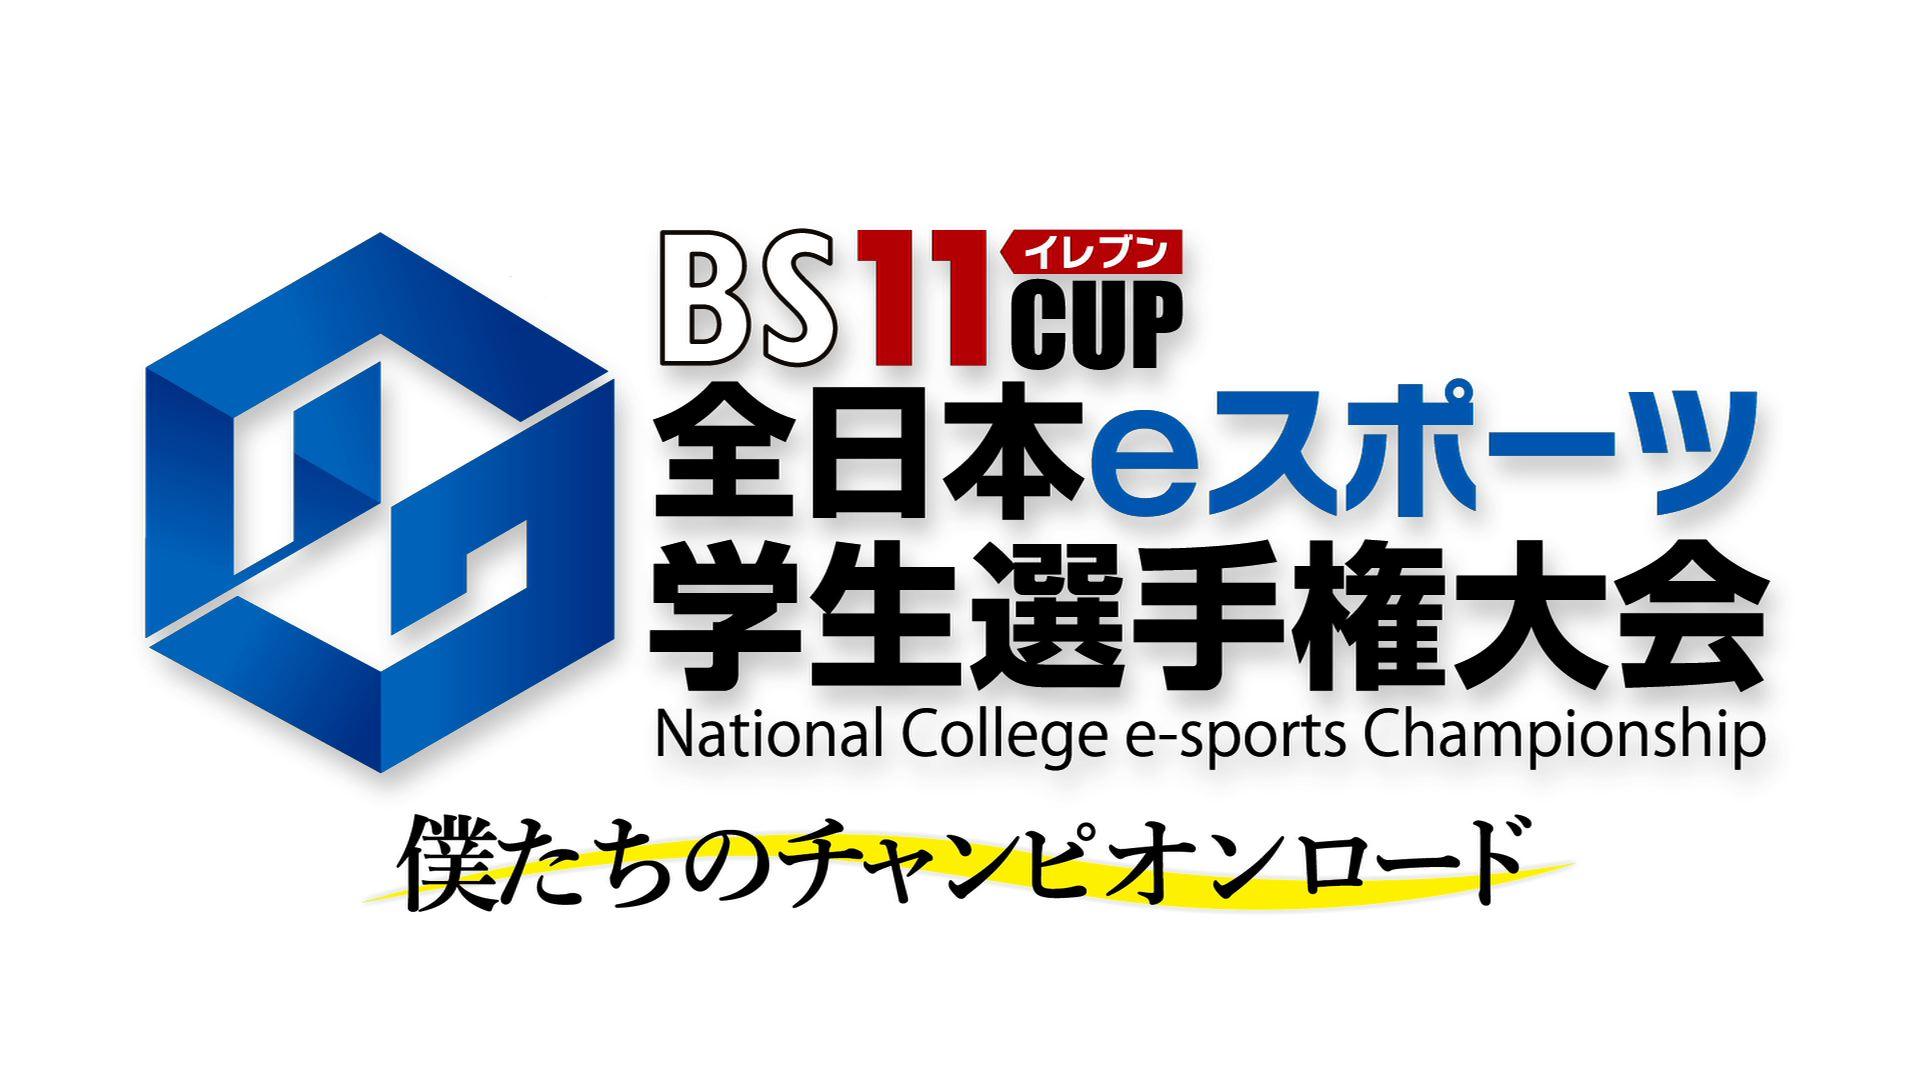 BS11cup全日本eスポーツ学生選手権2018 ~僕たちのチャンピオンロード~